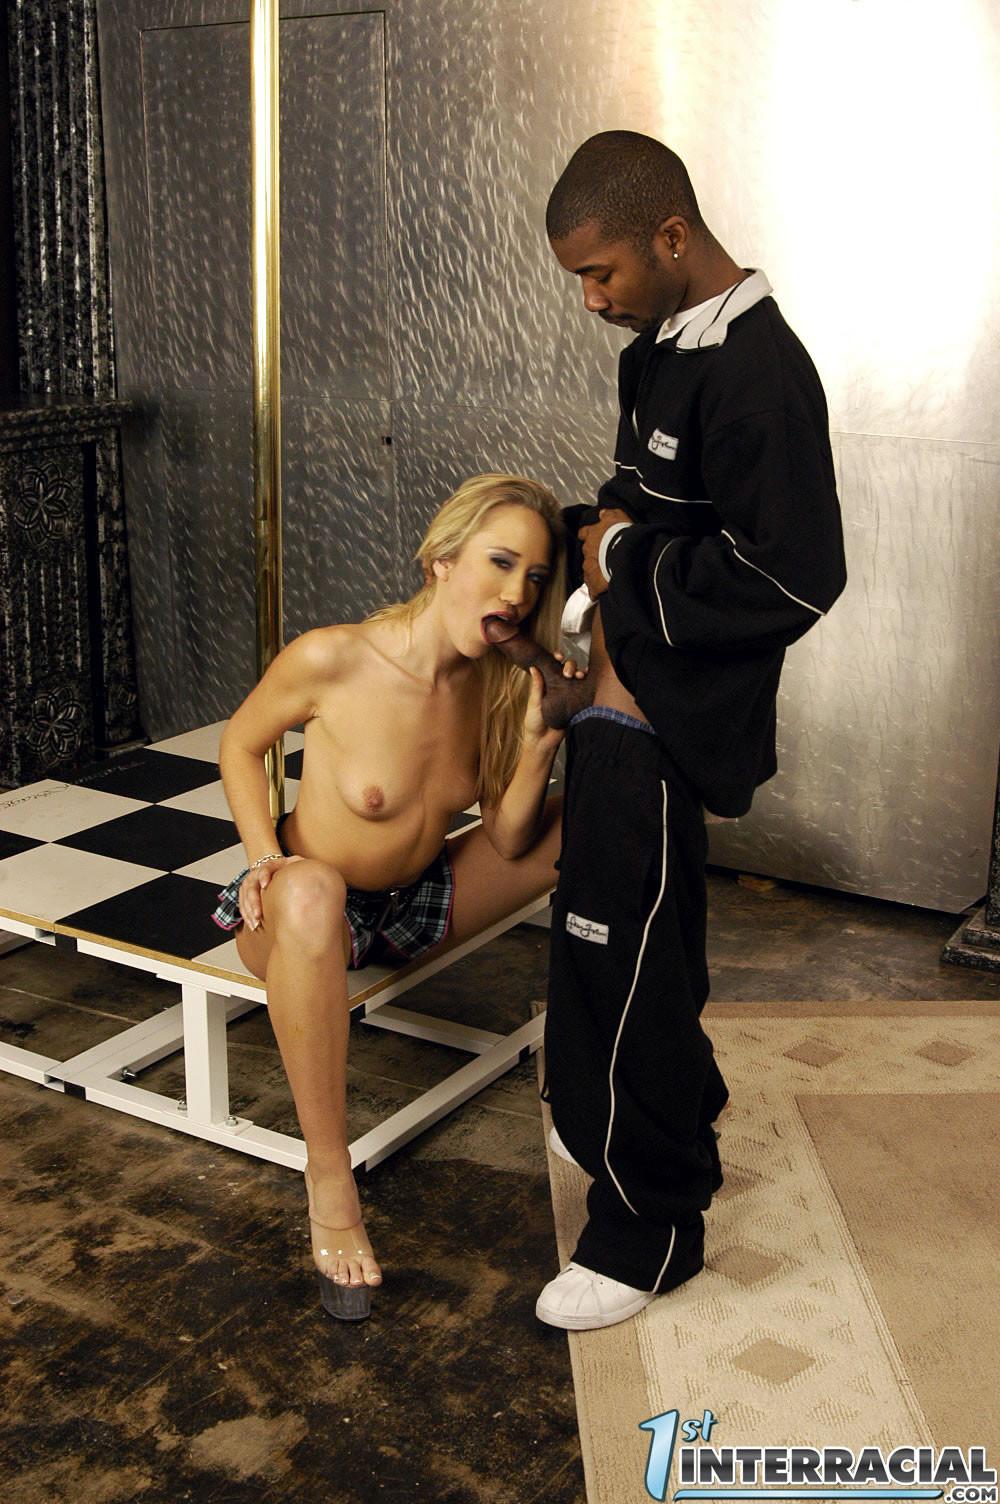 Алана Эванс принимает внутрь себя черный член и получает удовольствие от мощного проникновения